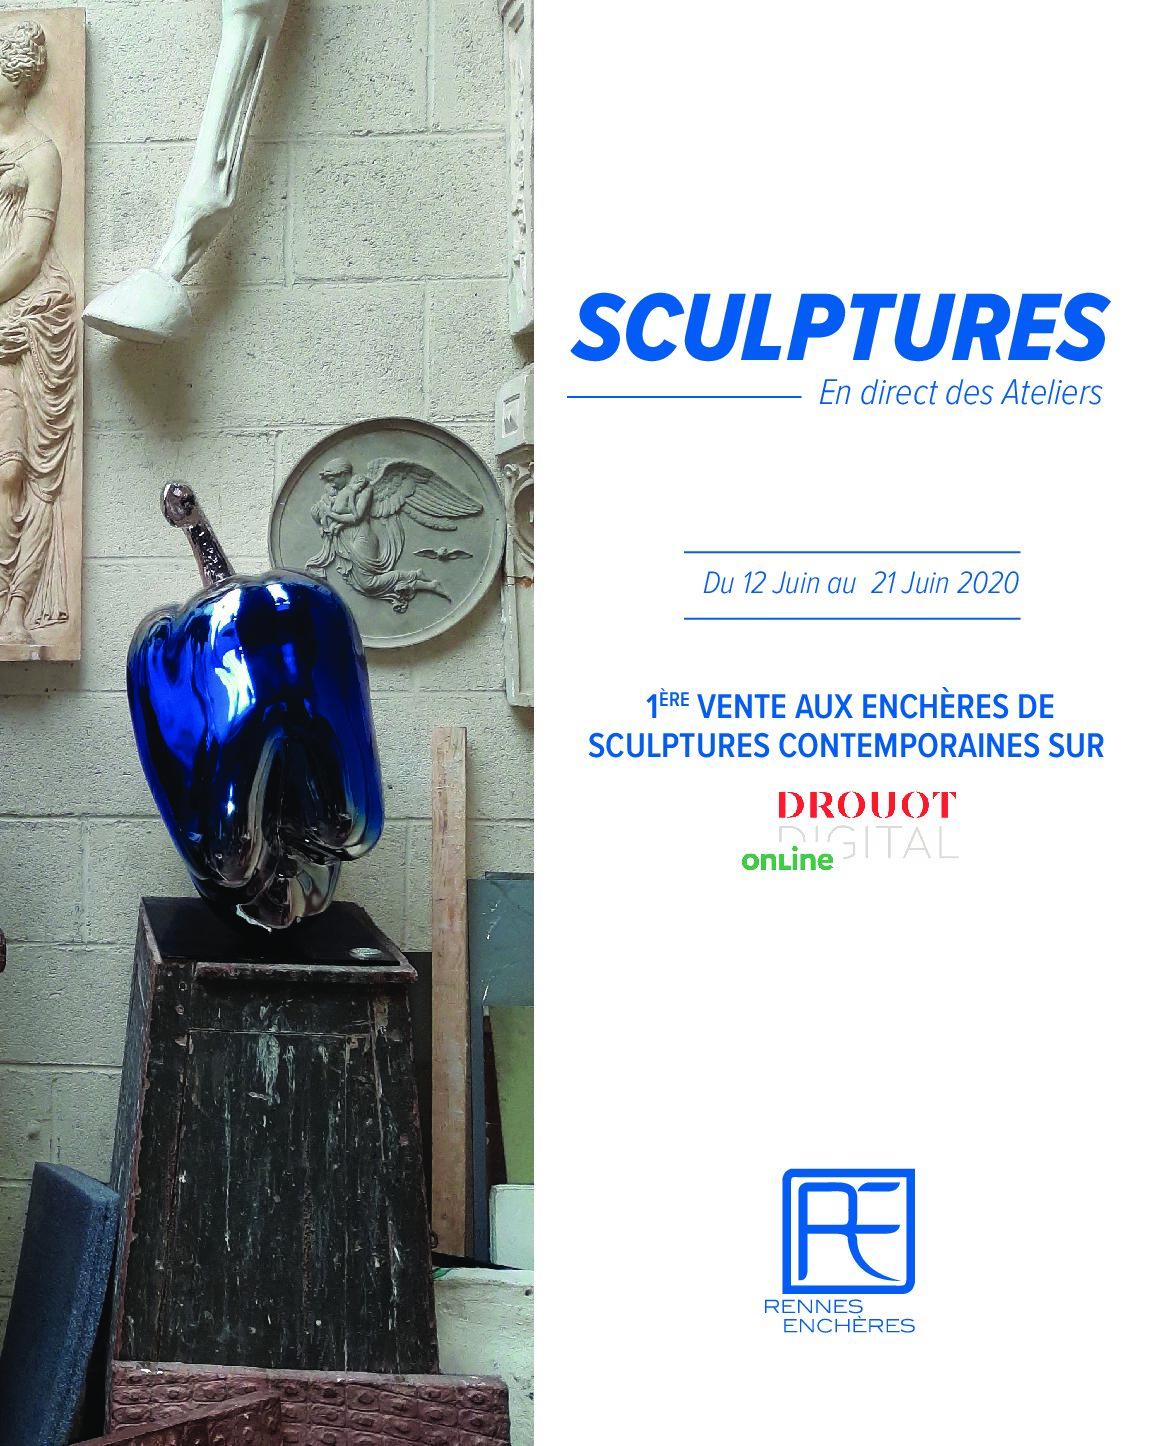 Vente aux Enchères Online de Sculptures du 12 au 21 juin